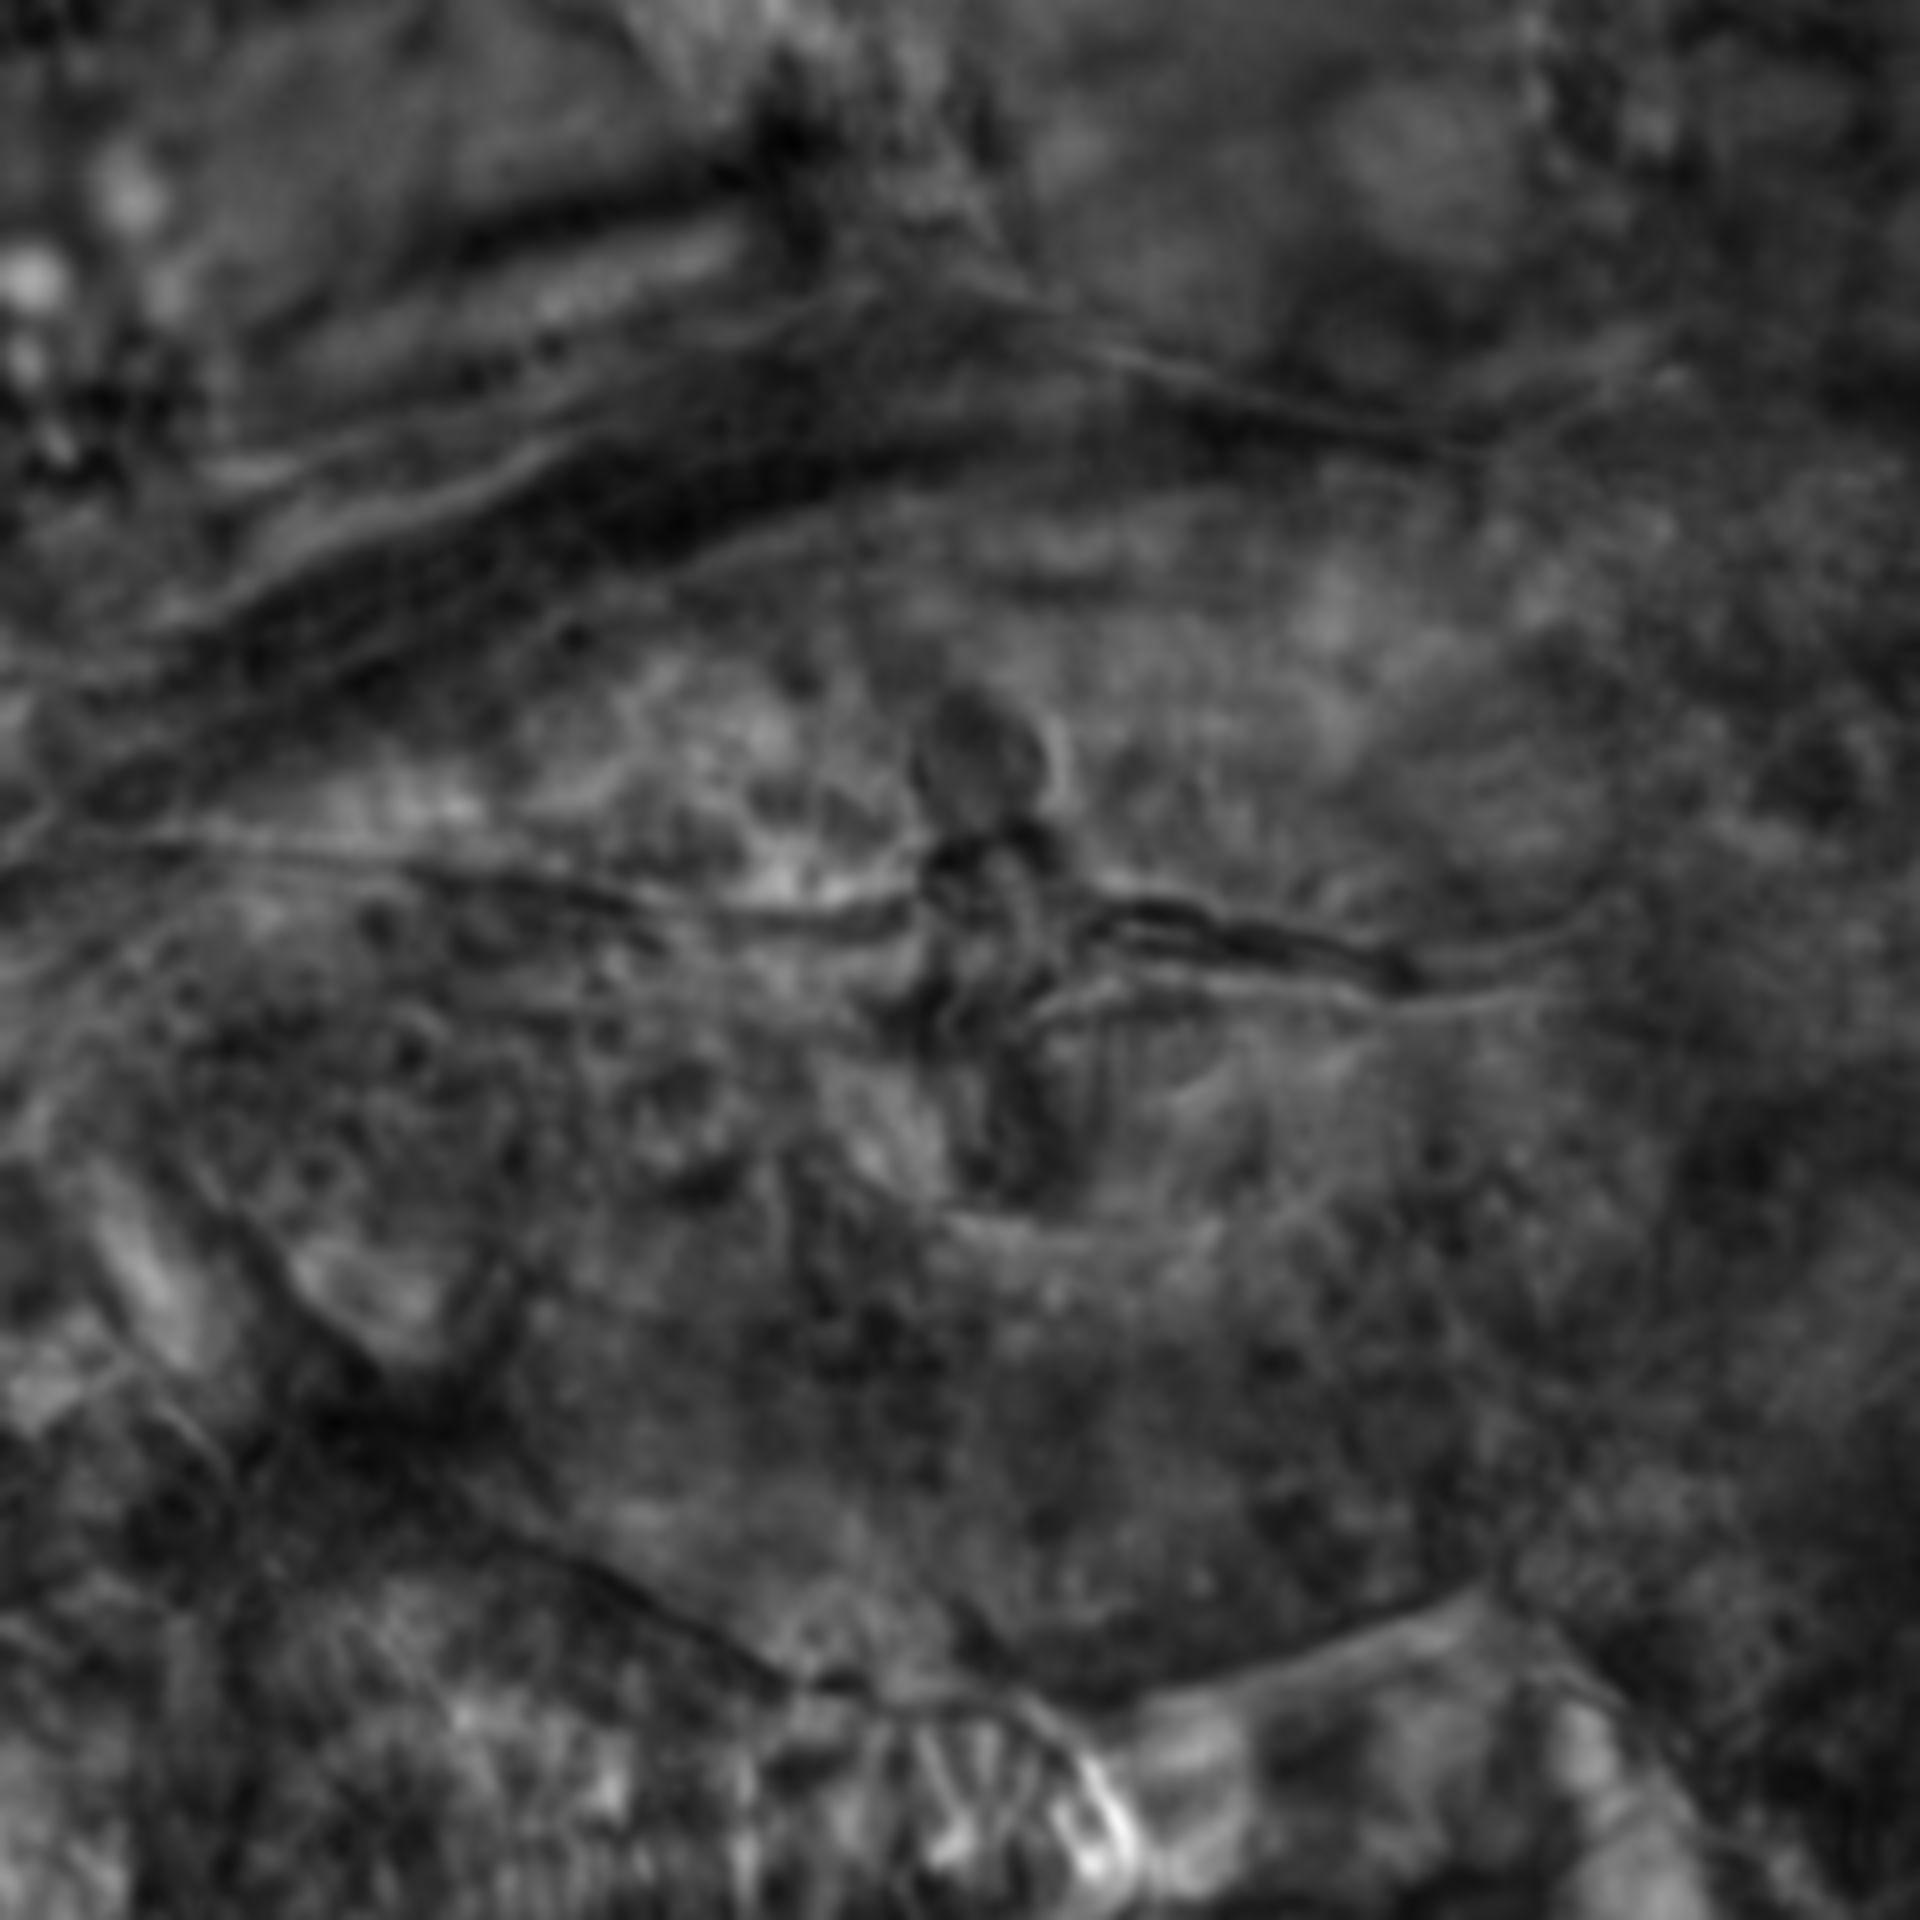 Caenorhabditis elegans - CIL:2744